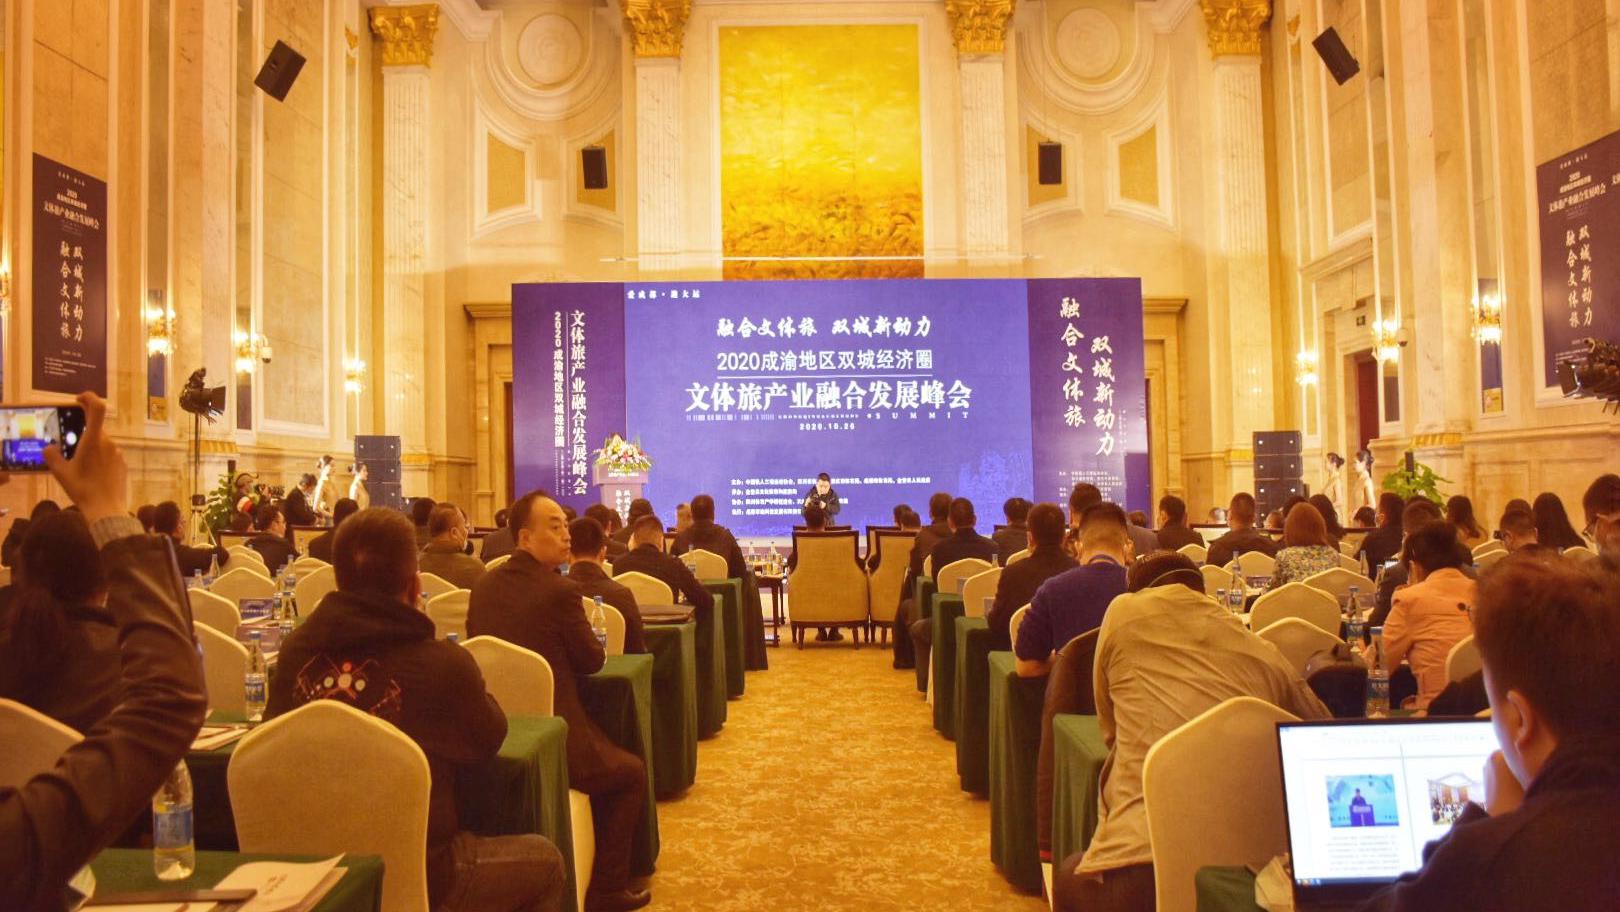 """"""" 融合文体旅 双城新动力 """"  这场峰会在金堂开幕......"""